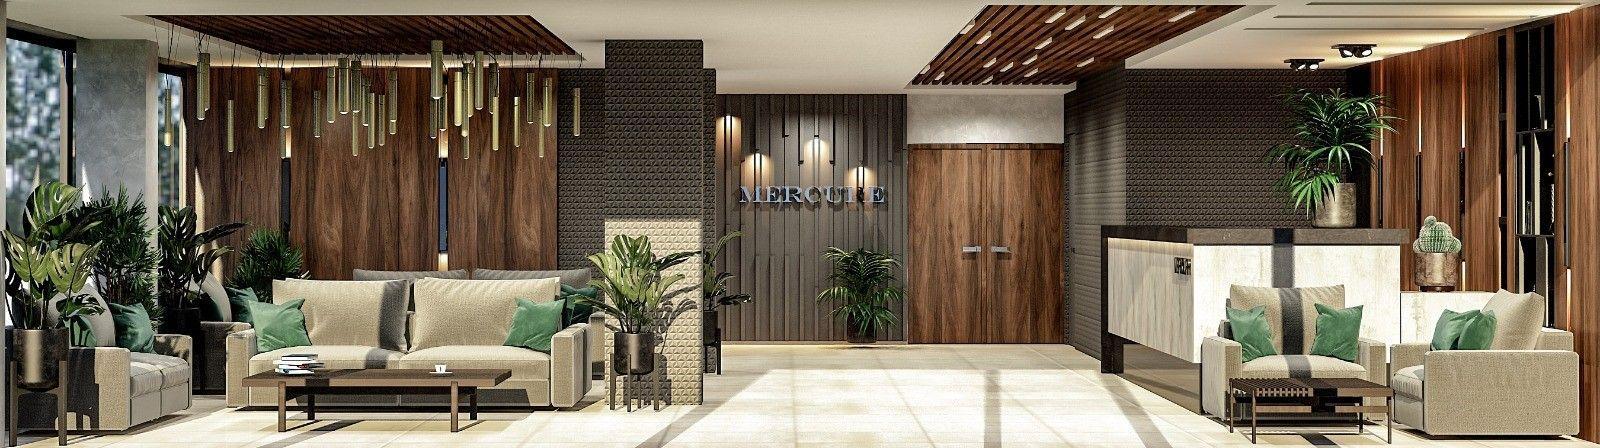 Hotelul Cubix din Braşov, deţinut de doi antreprenori locali, va fi renovat şi redeschis sub brandul Mercure, în baza unui contract de franciză cu grupul Accor